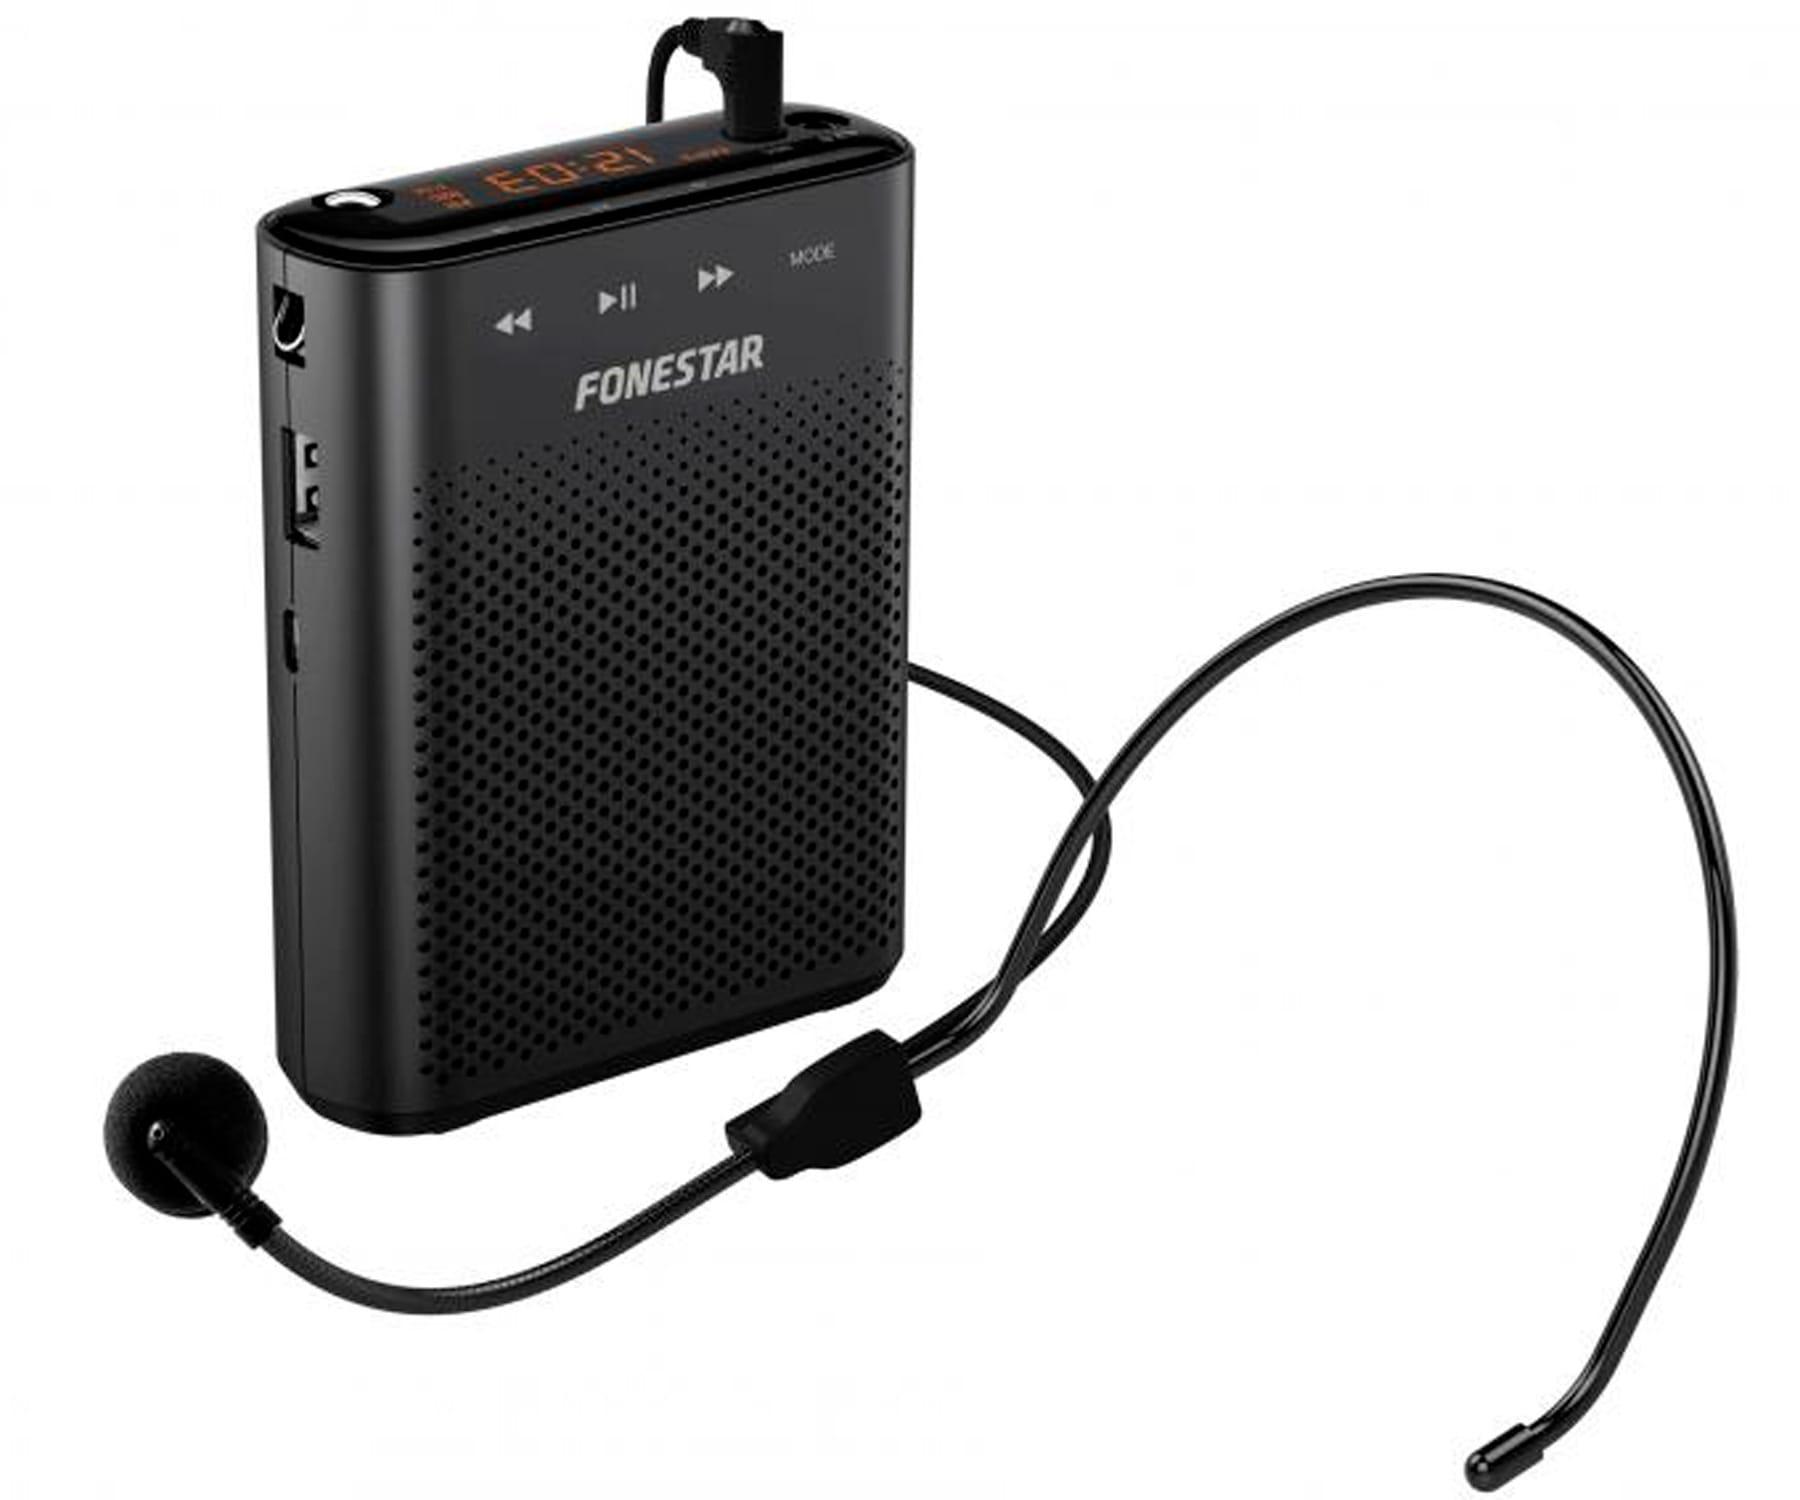 FONESTAR ALTA-VOZ-30 AMPLIFICADOR PORTÁTIL PARA CINTURA CON MICRÓFONO Y GRABADOR USB/MICROSD/MP3